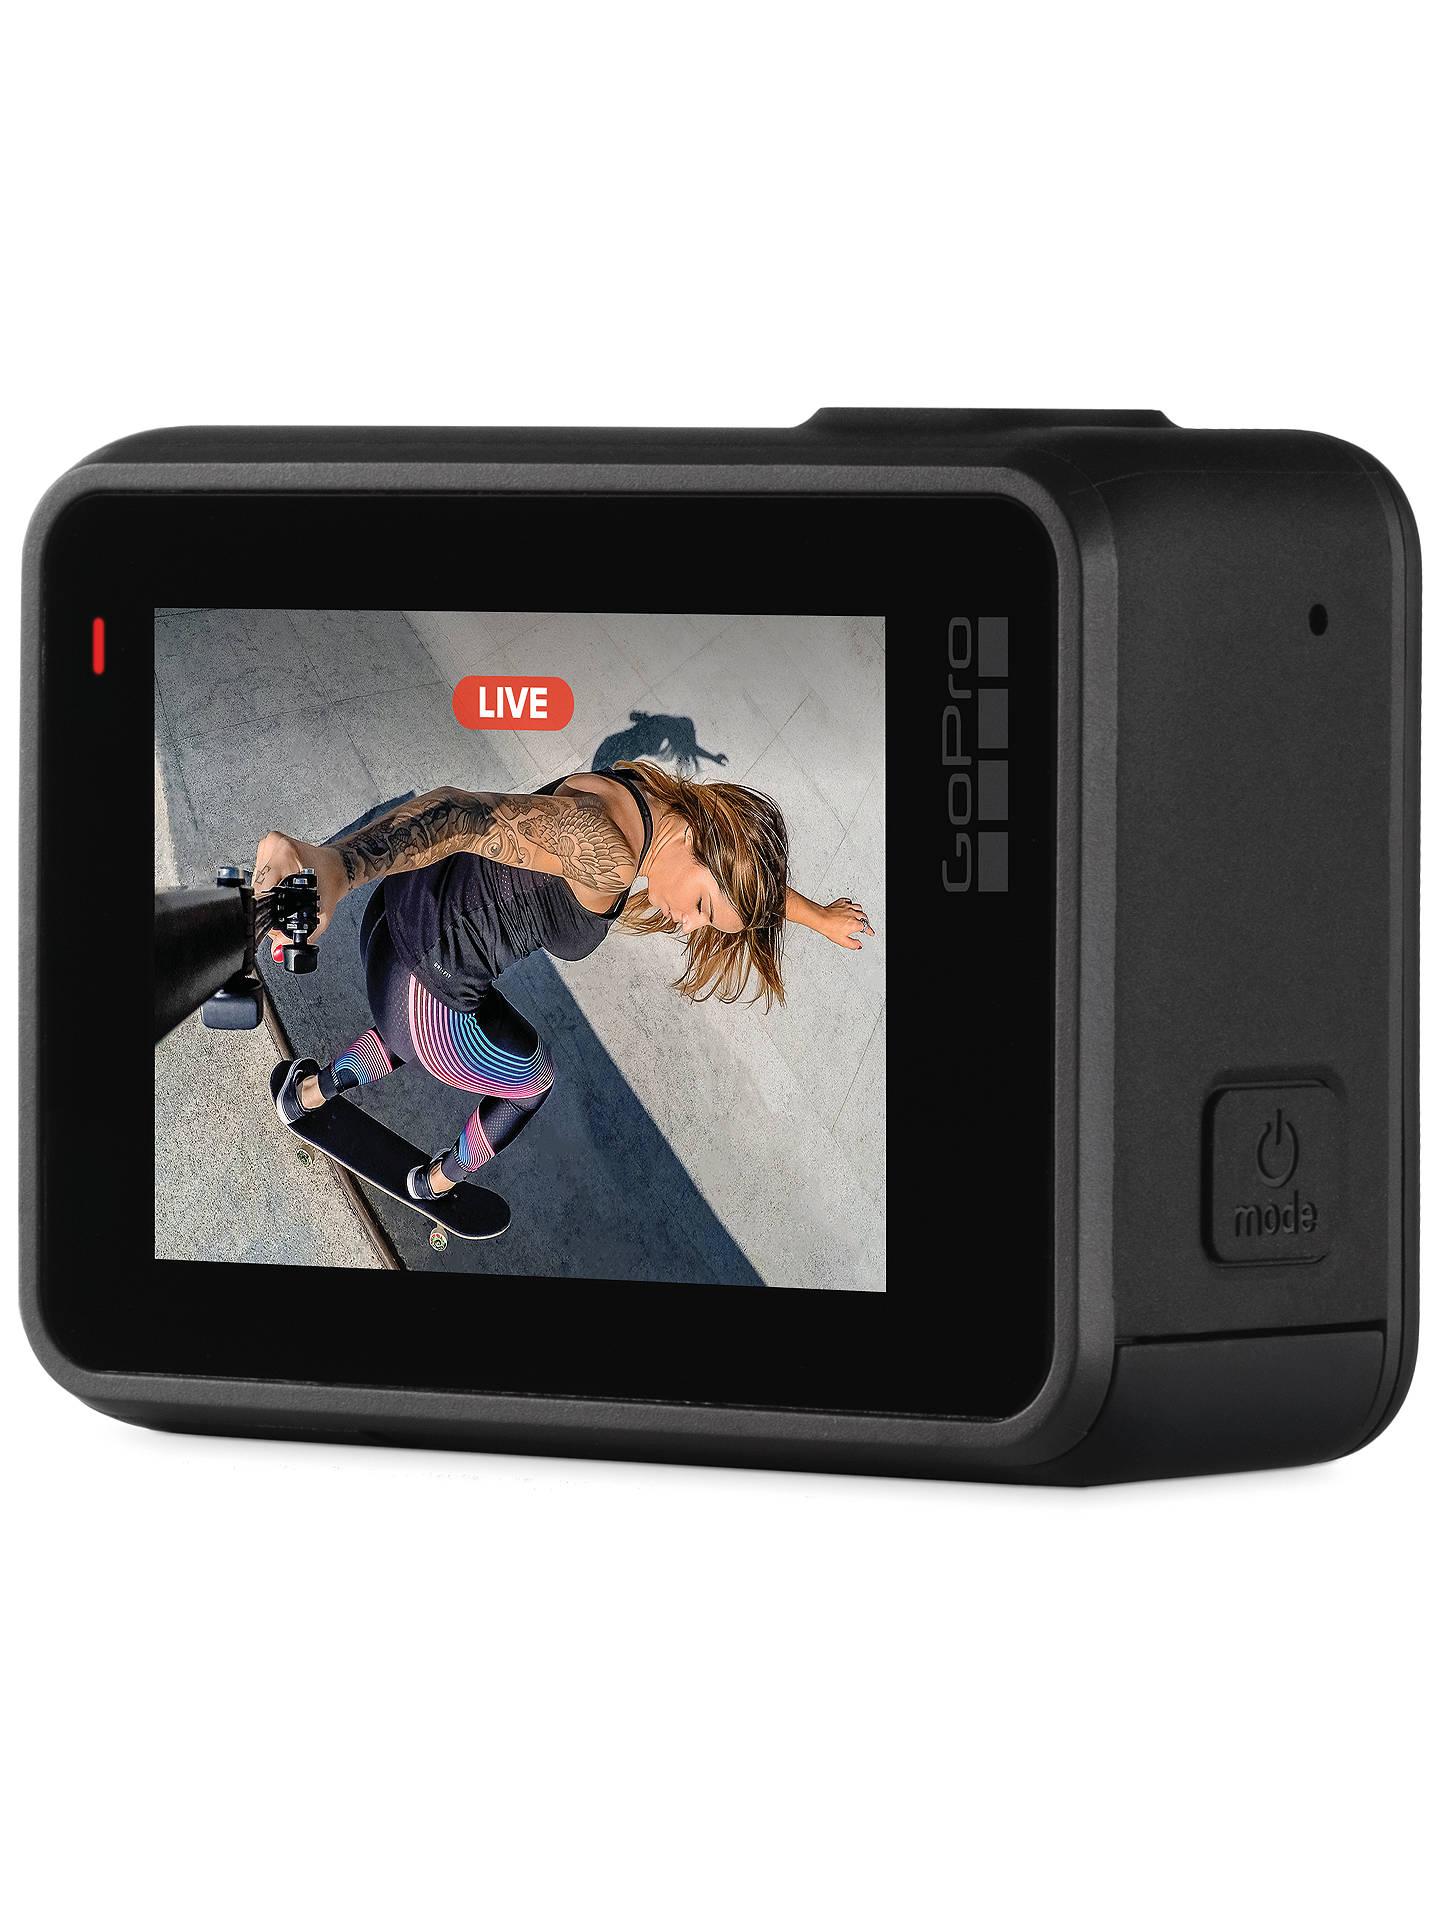 GoPro HERO7 Black Camcorder, 4K Ultra HD, 60 FPS, 12MP, Wi-Fi, Waterproof,  GPS